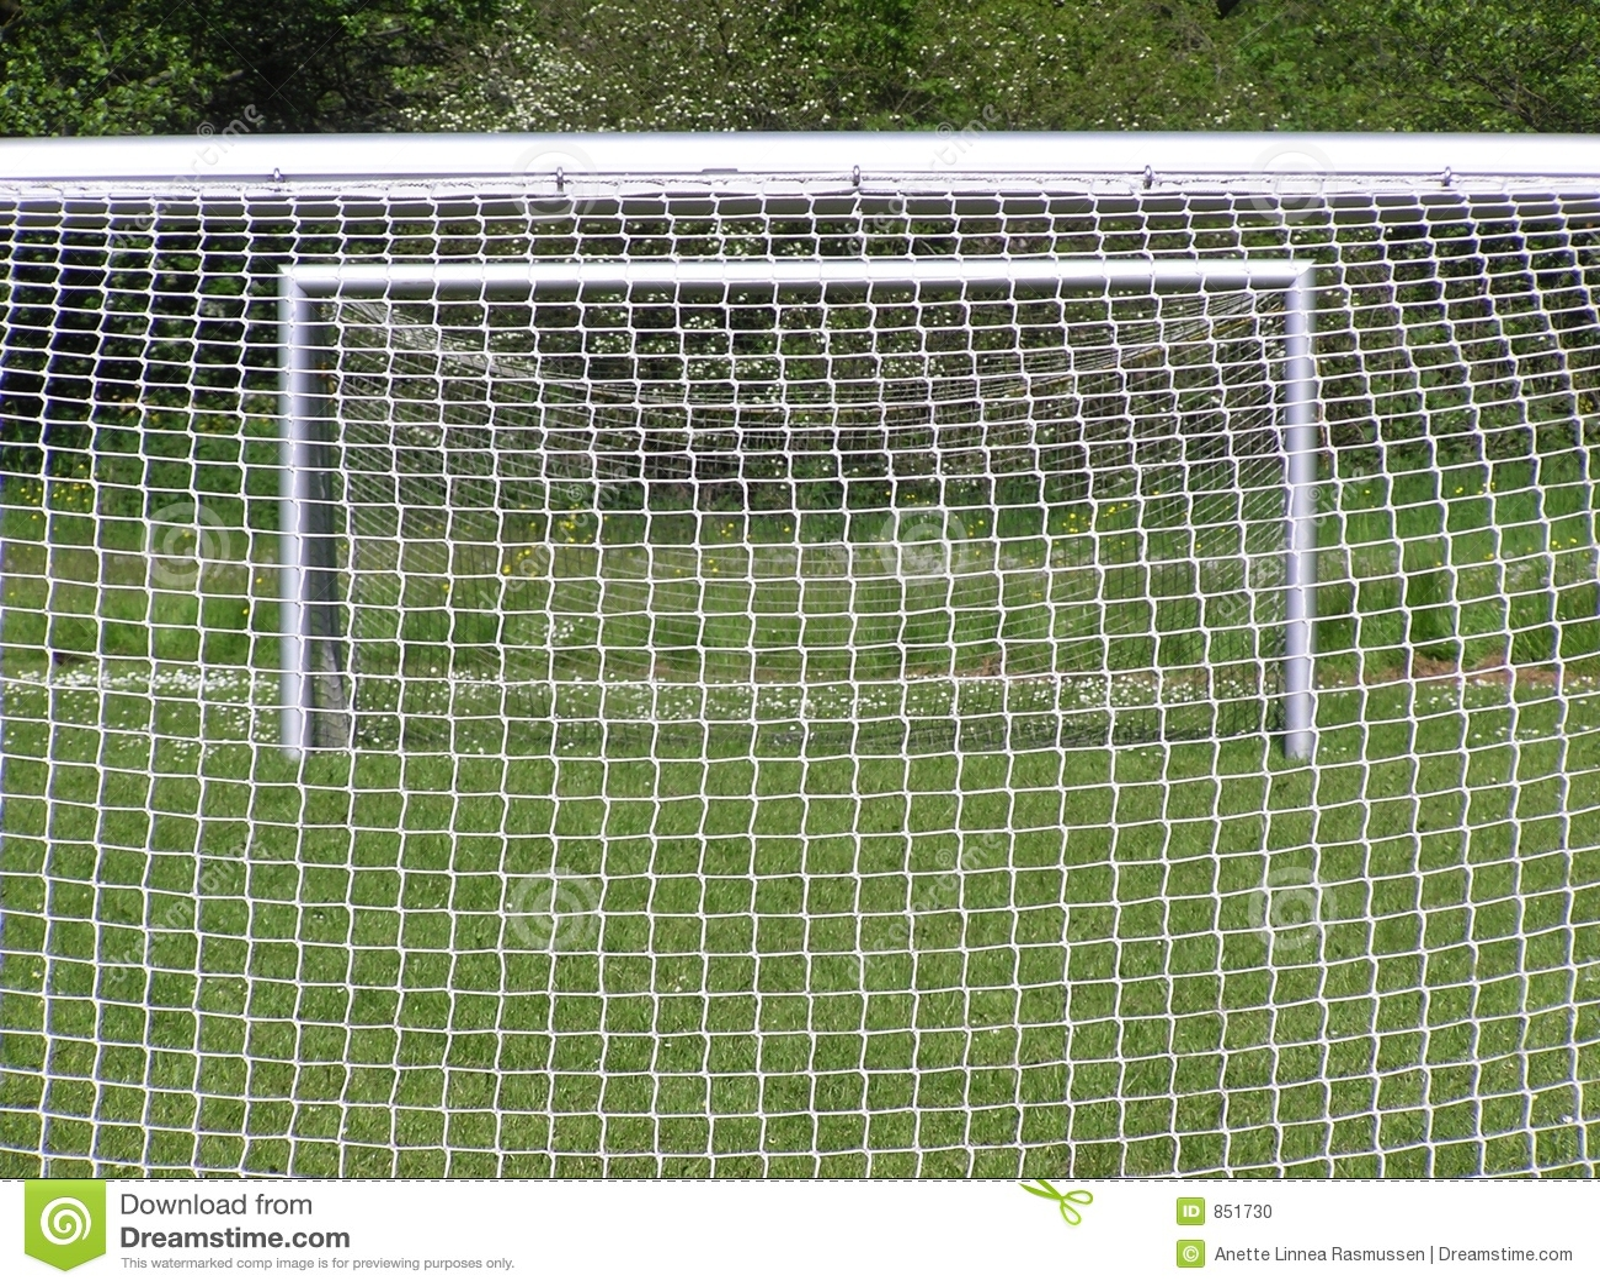 ποδόσφαιρο δύο στόχων